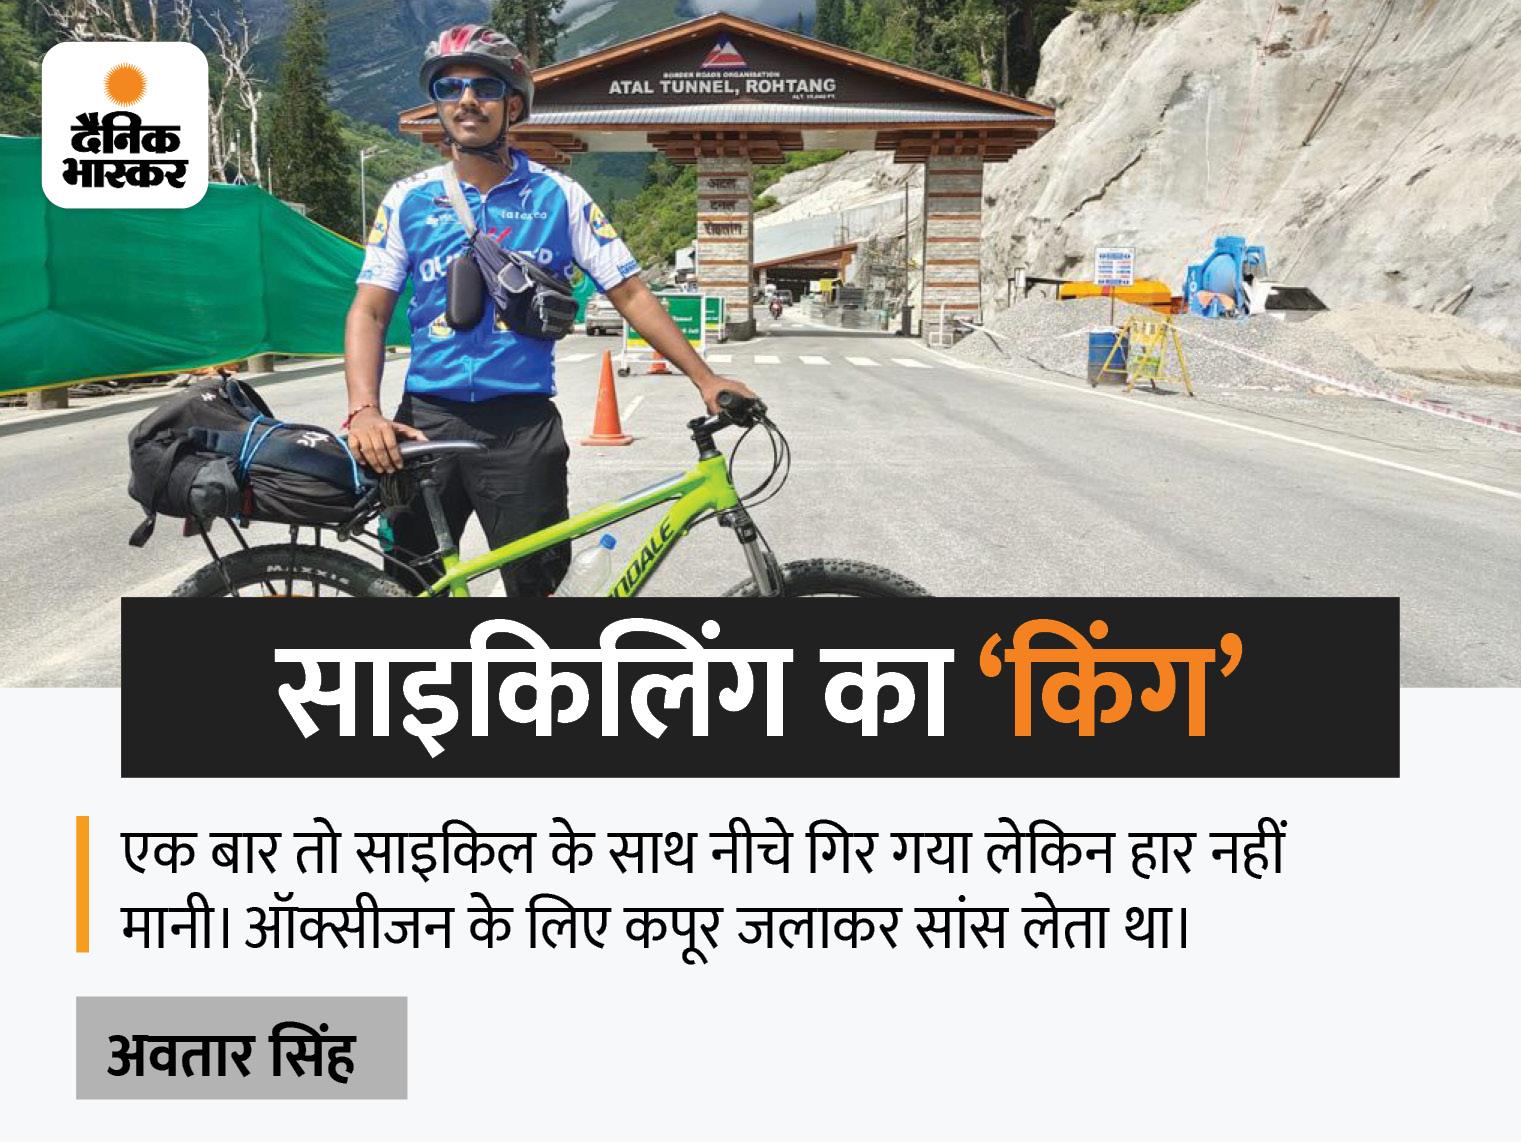 8 दिन में रोहतांग से होते हुए पूरा किया 400km का सफर; पहाड़ और बर्फीले रास्ते भी नहीं डिगा पाए हौसला, खारदूंगला टॉप को फतह कर बनाया रिकॉर्ड हरियाणा,Haryana - Dainik Bhaskar